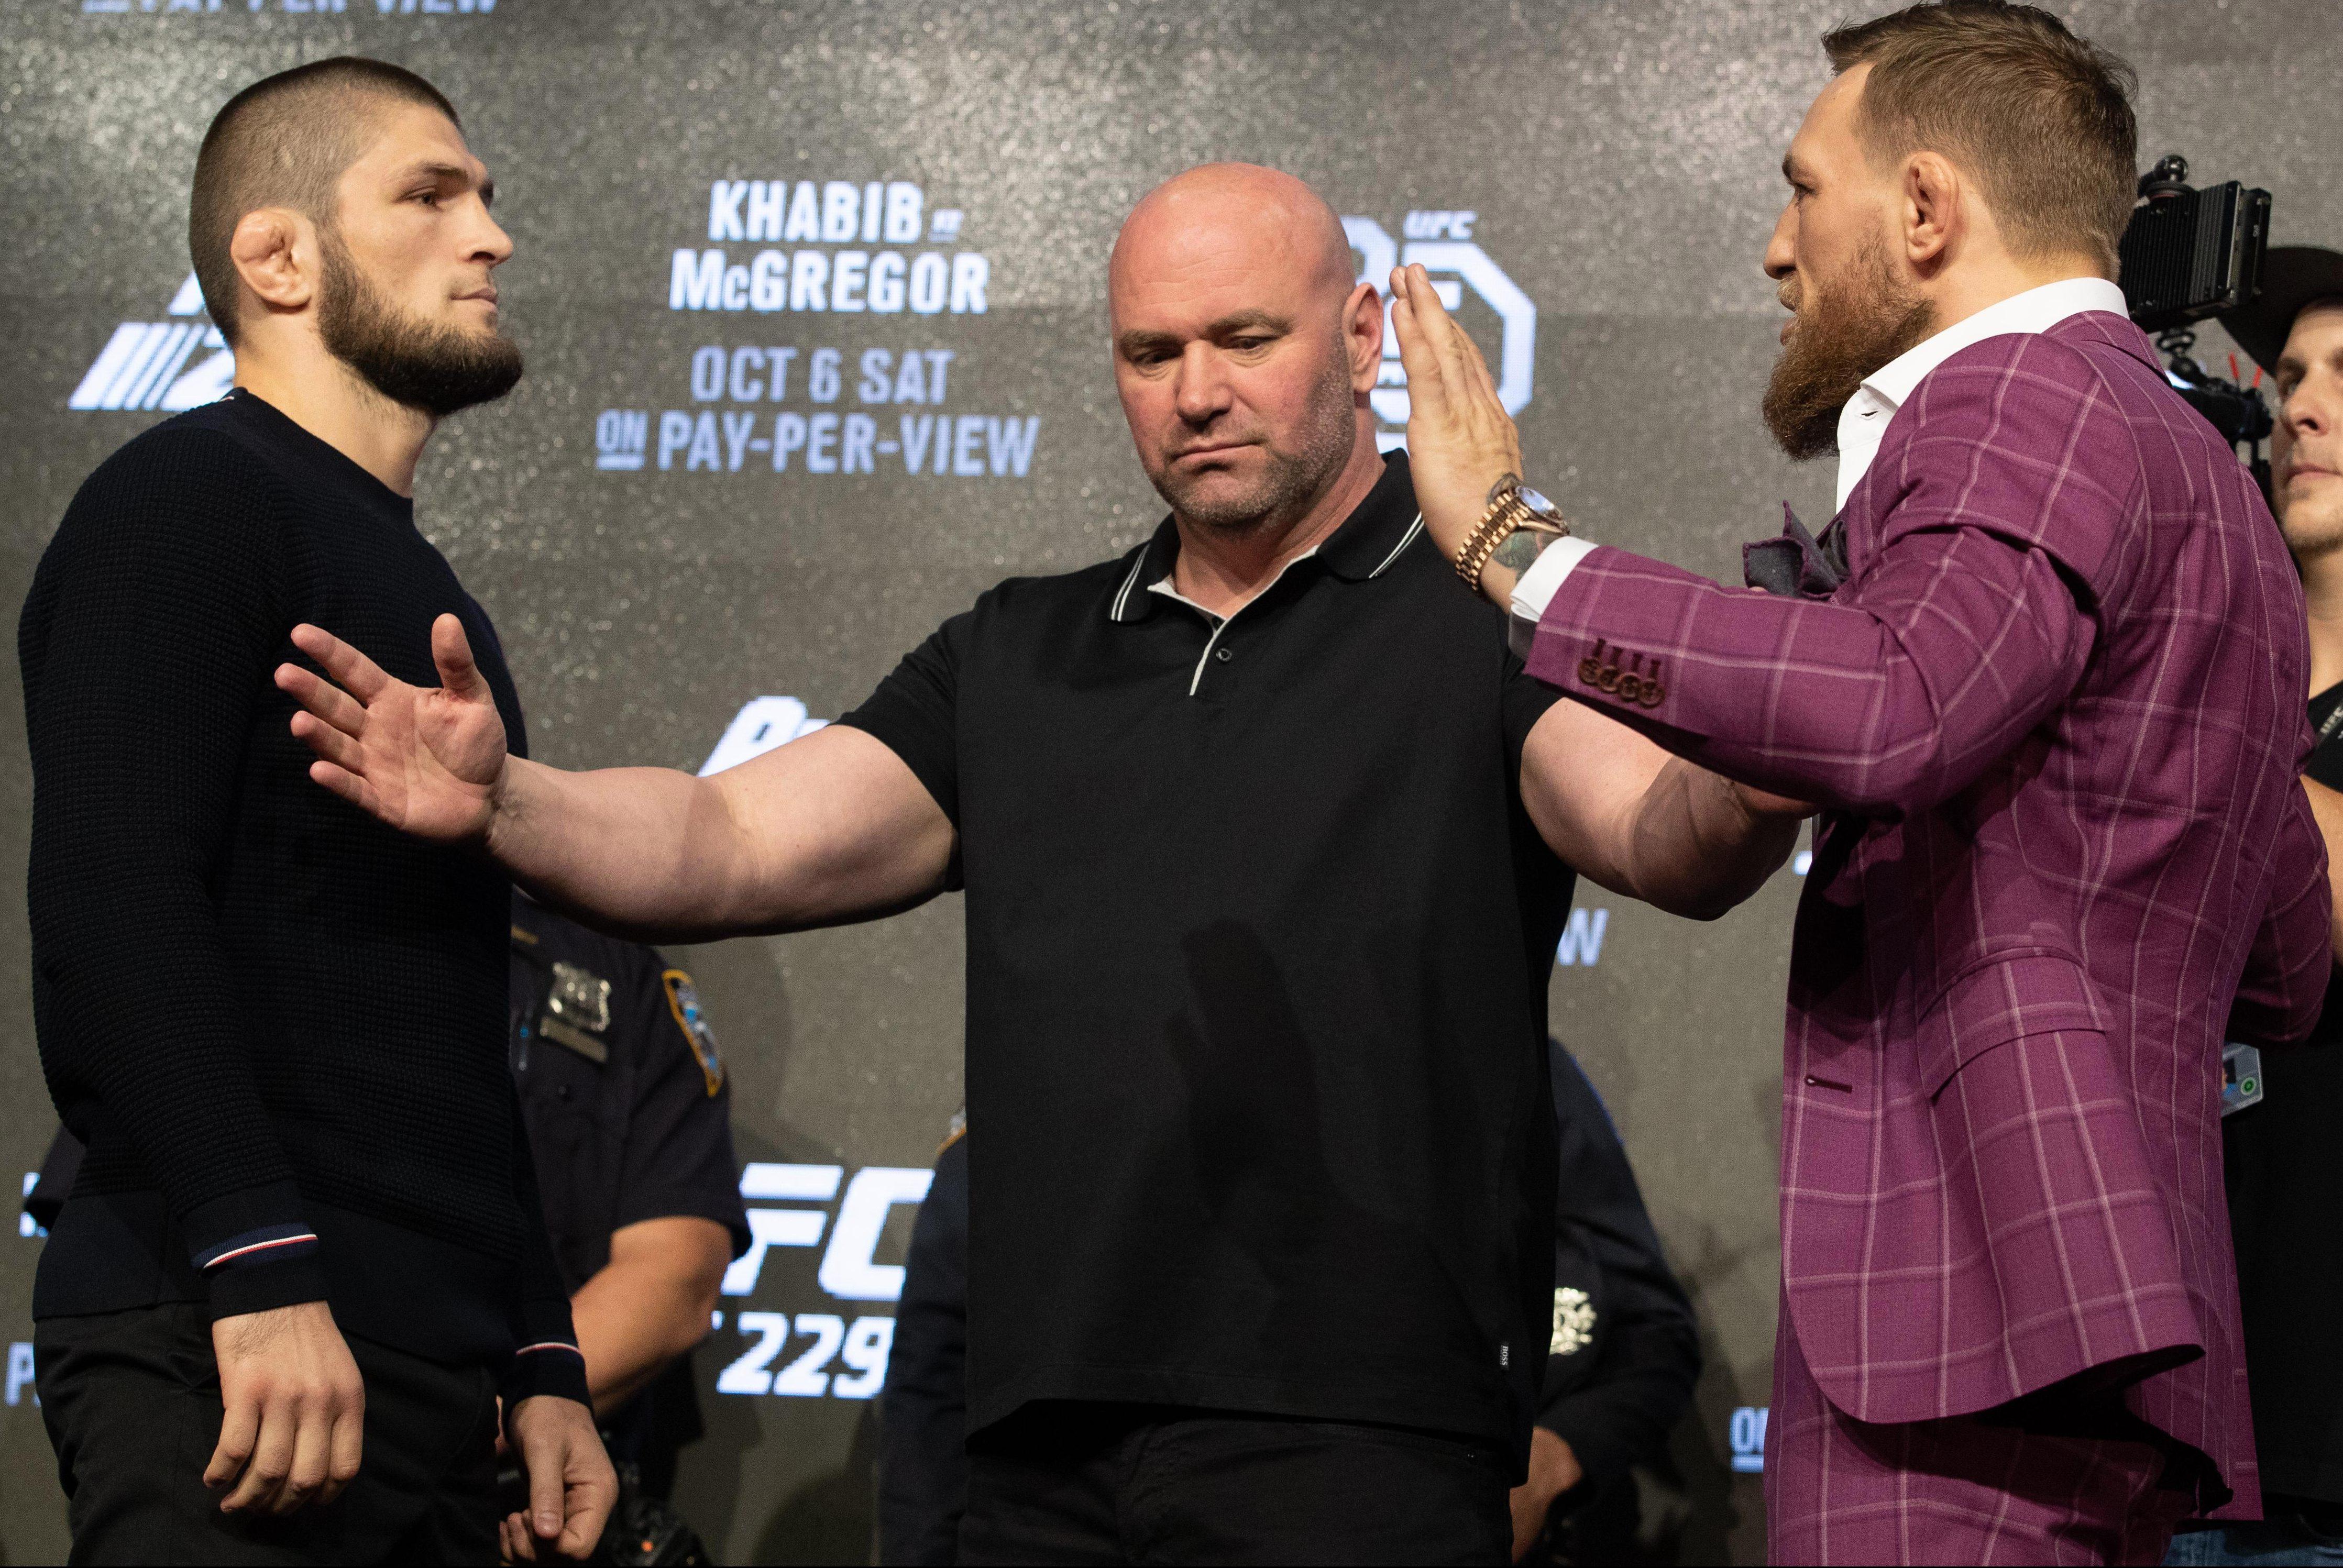 McGregor insists he will 'clatter' and 'crumble' Nurmagomedov